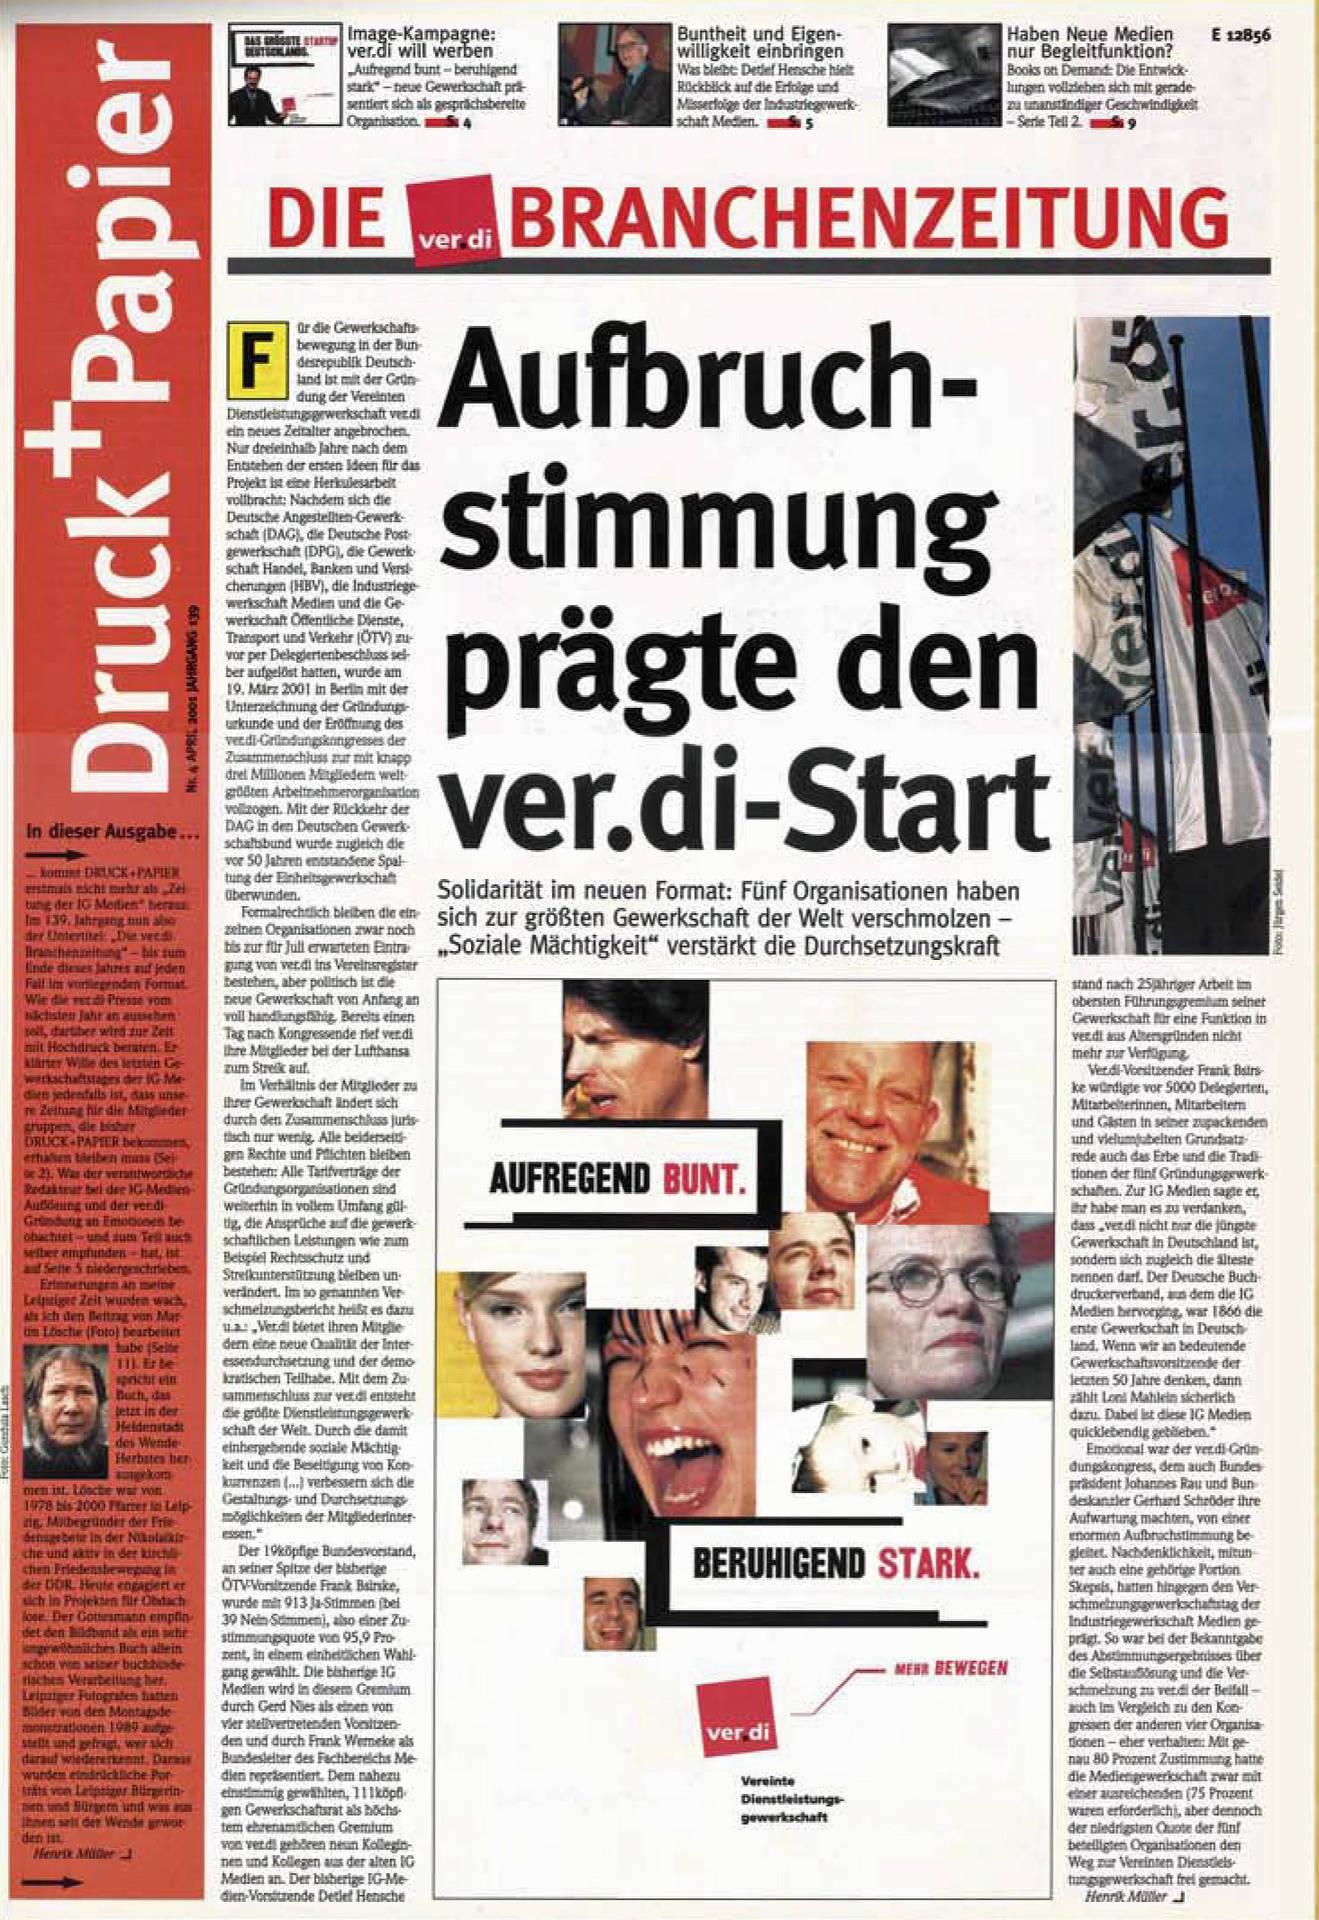 Druck+Papier, April 2001